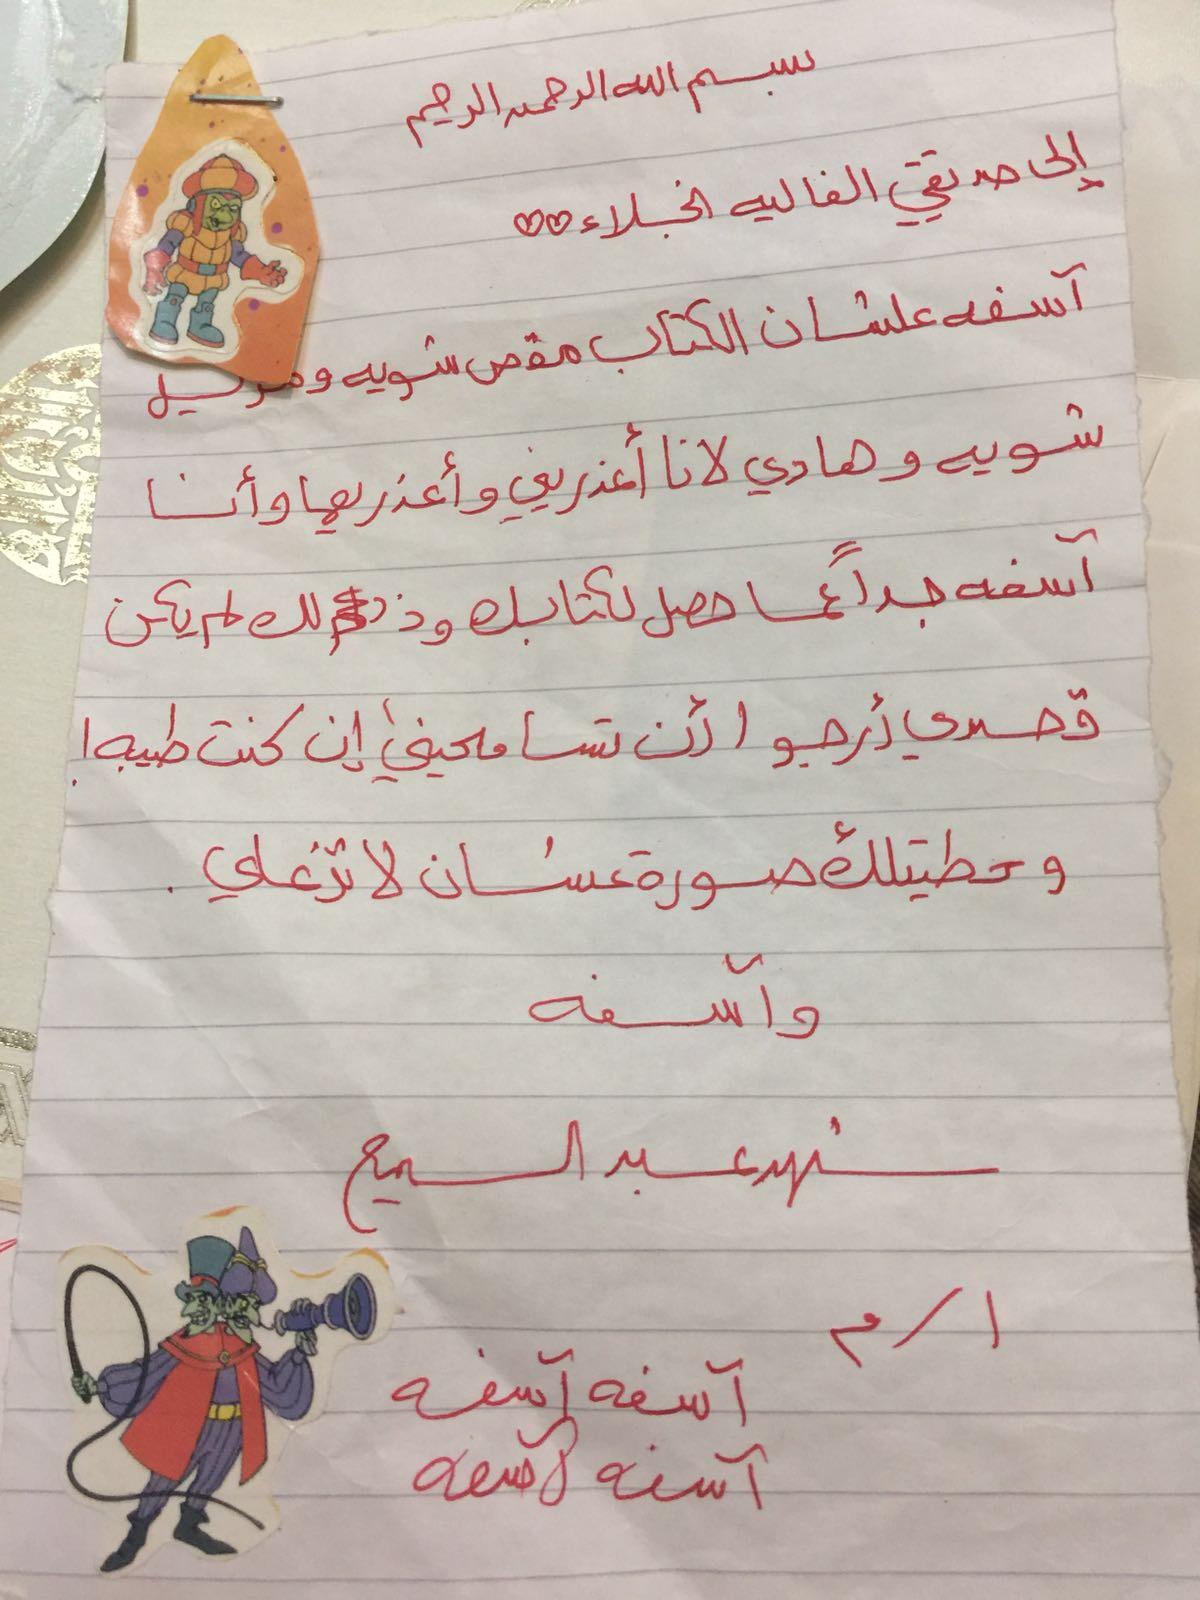 بالصور كتابة رسالة الى صديقتي في المدرسة , رساله الي صديقة طفولتي و مدرستي 952 1